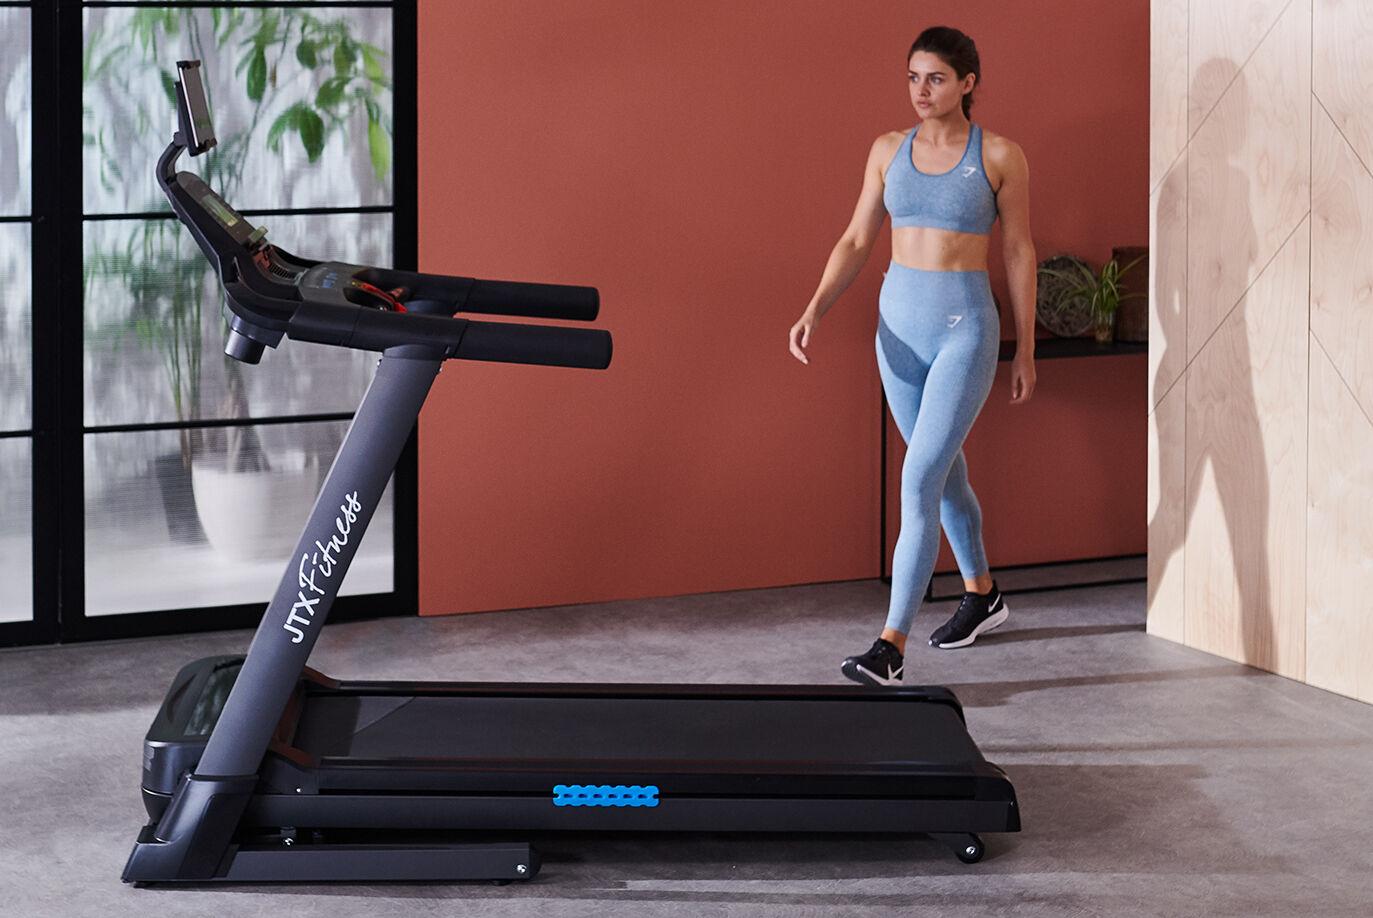 JTX Sprint-7 Motorised Treadmill